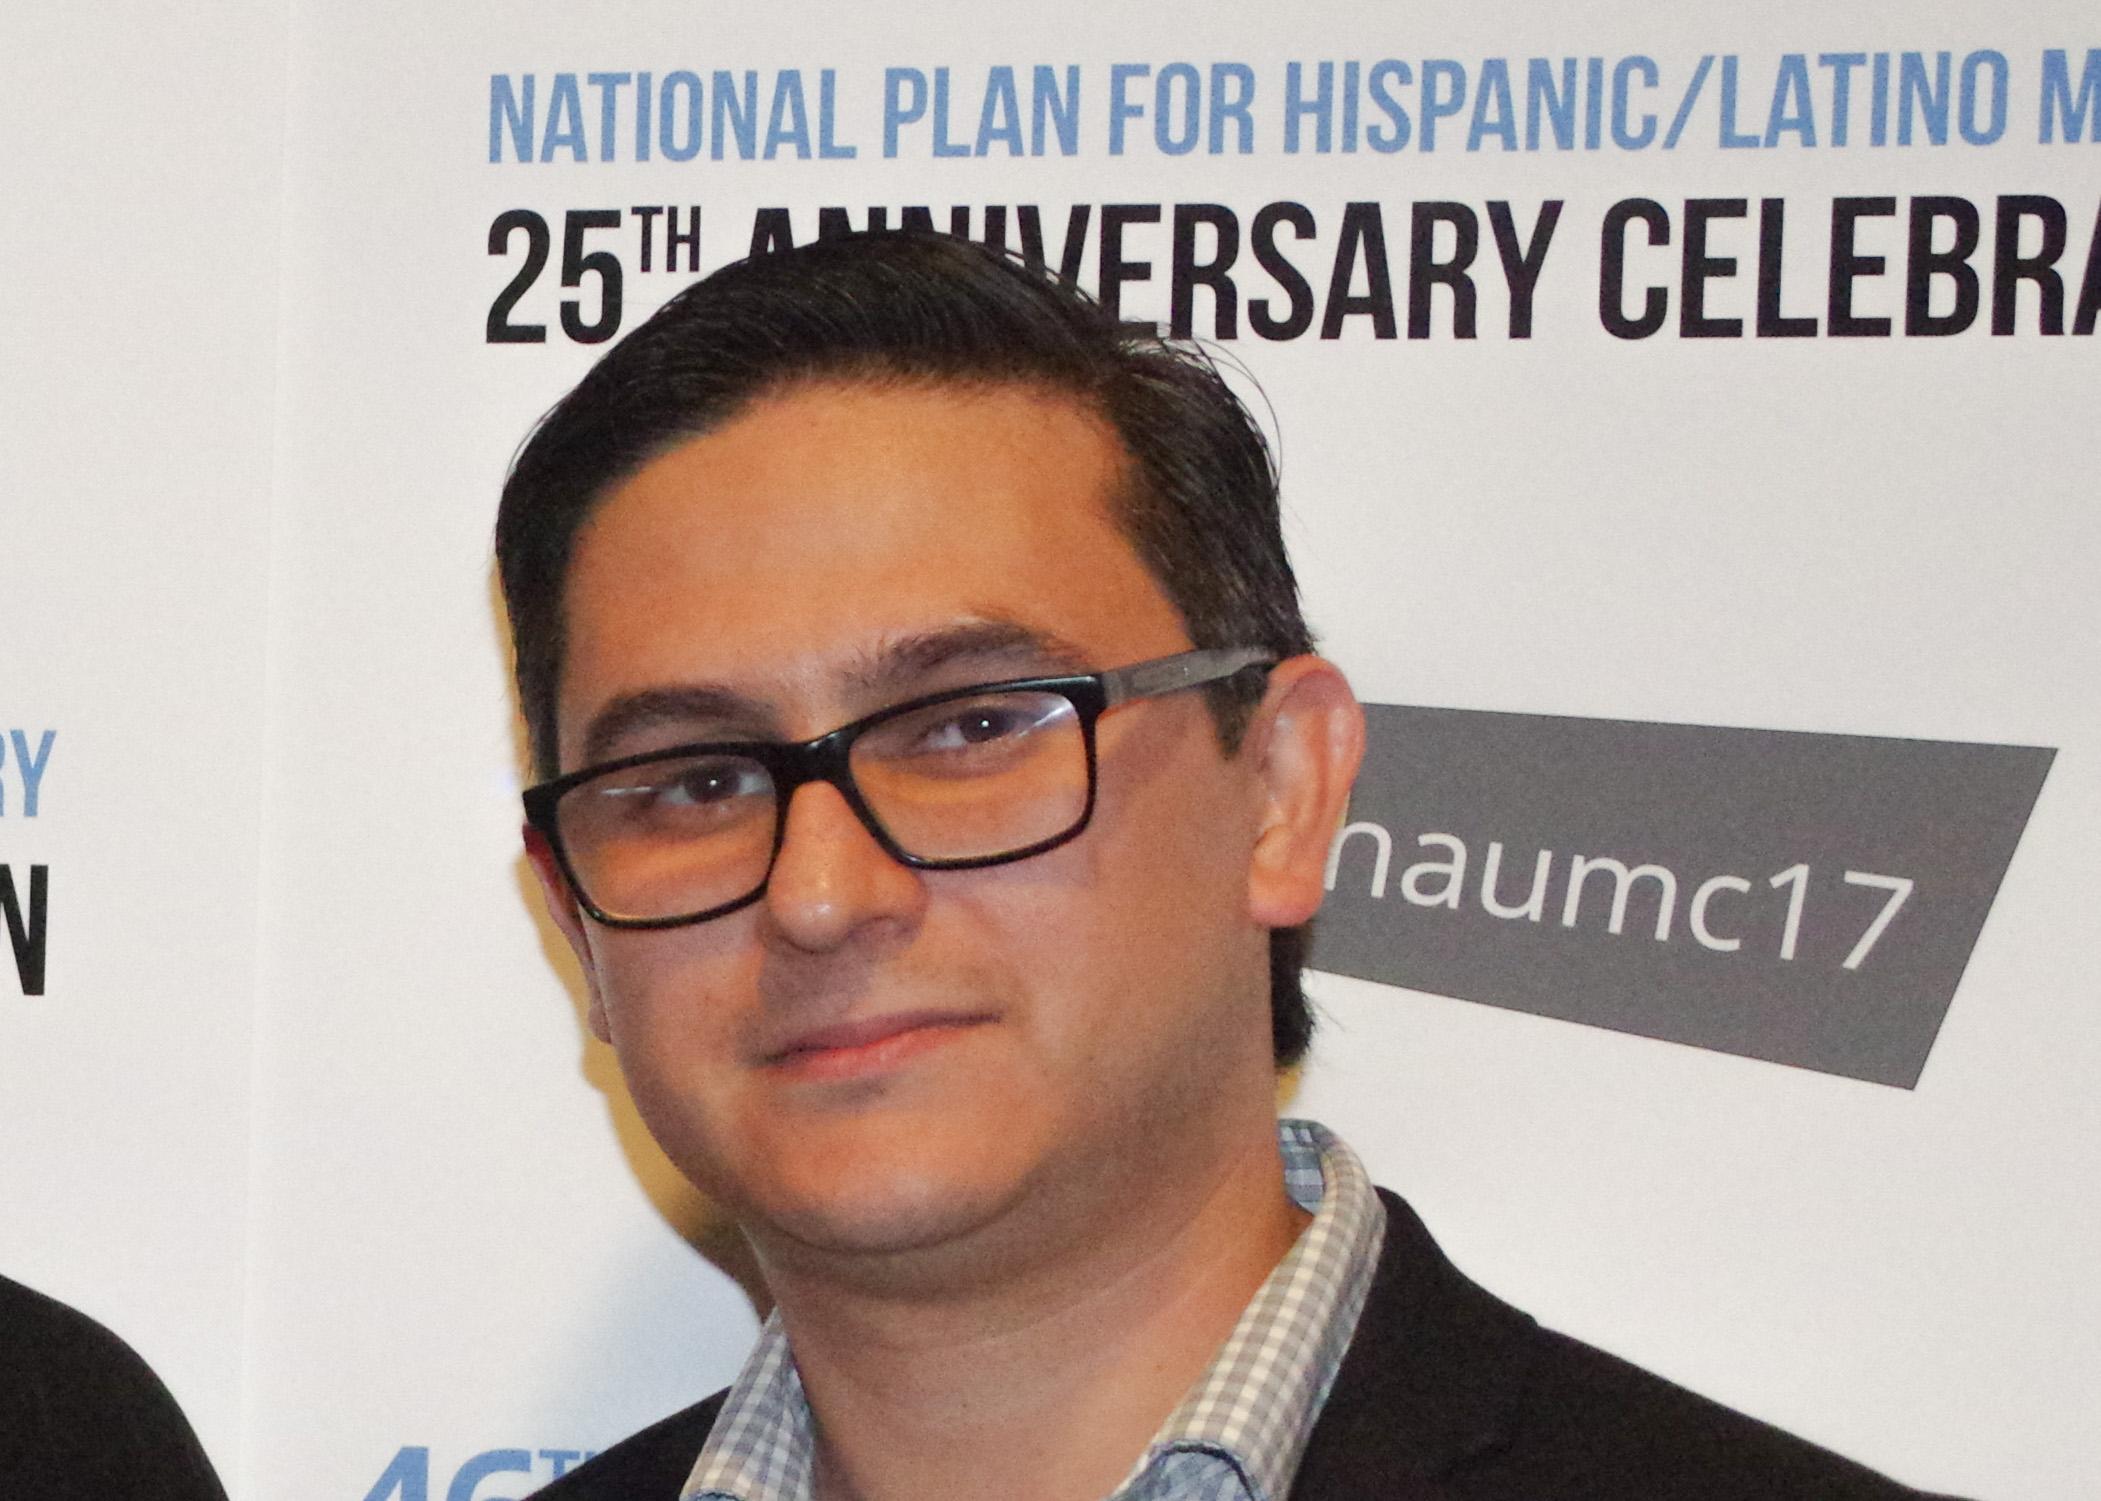 Manuel Padilla aceptó su función actual como director nacional interino durante dos años después de servir como misionero de la Junta General de Ministerios Globales (GBGM) de la Iglesia Metodista Unida desde 2013. Foto Rev. Gustavo Vasquez, Noticias MU.